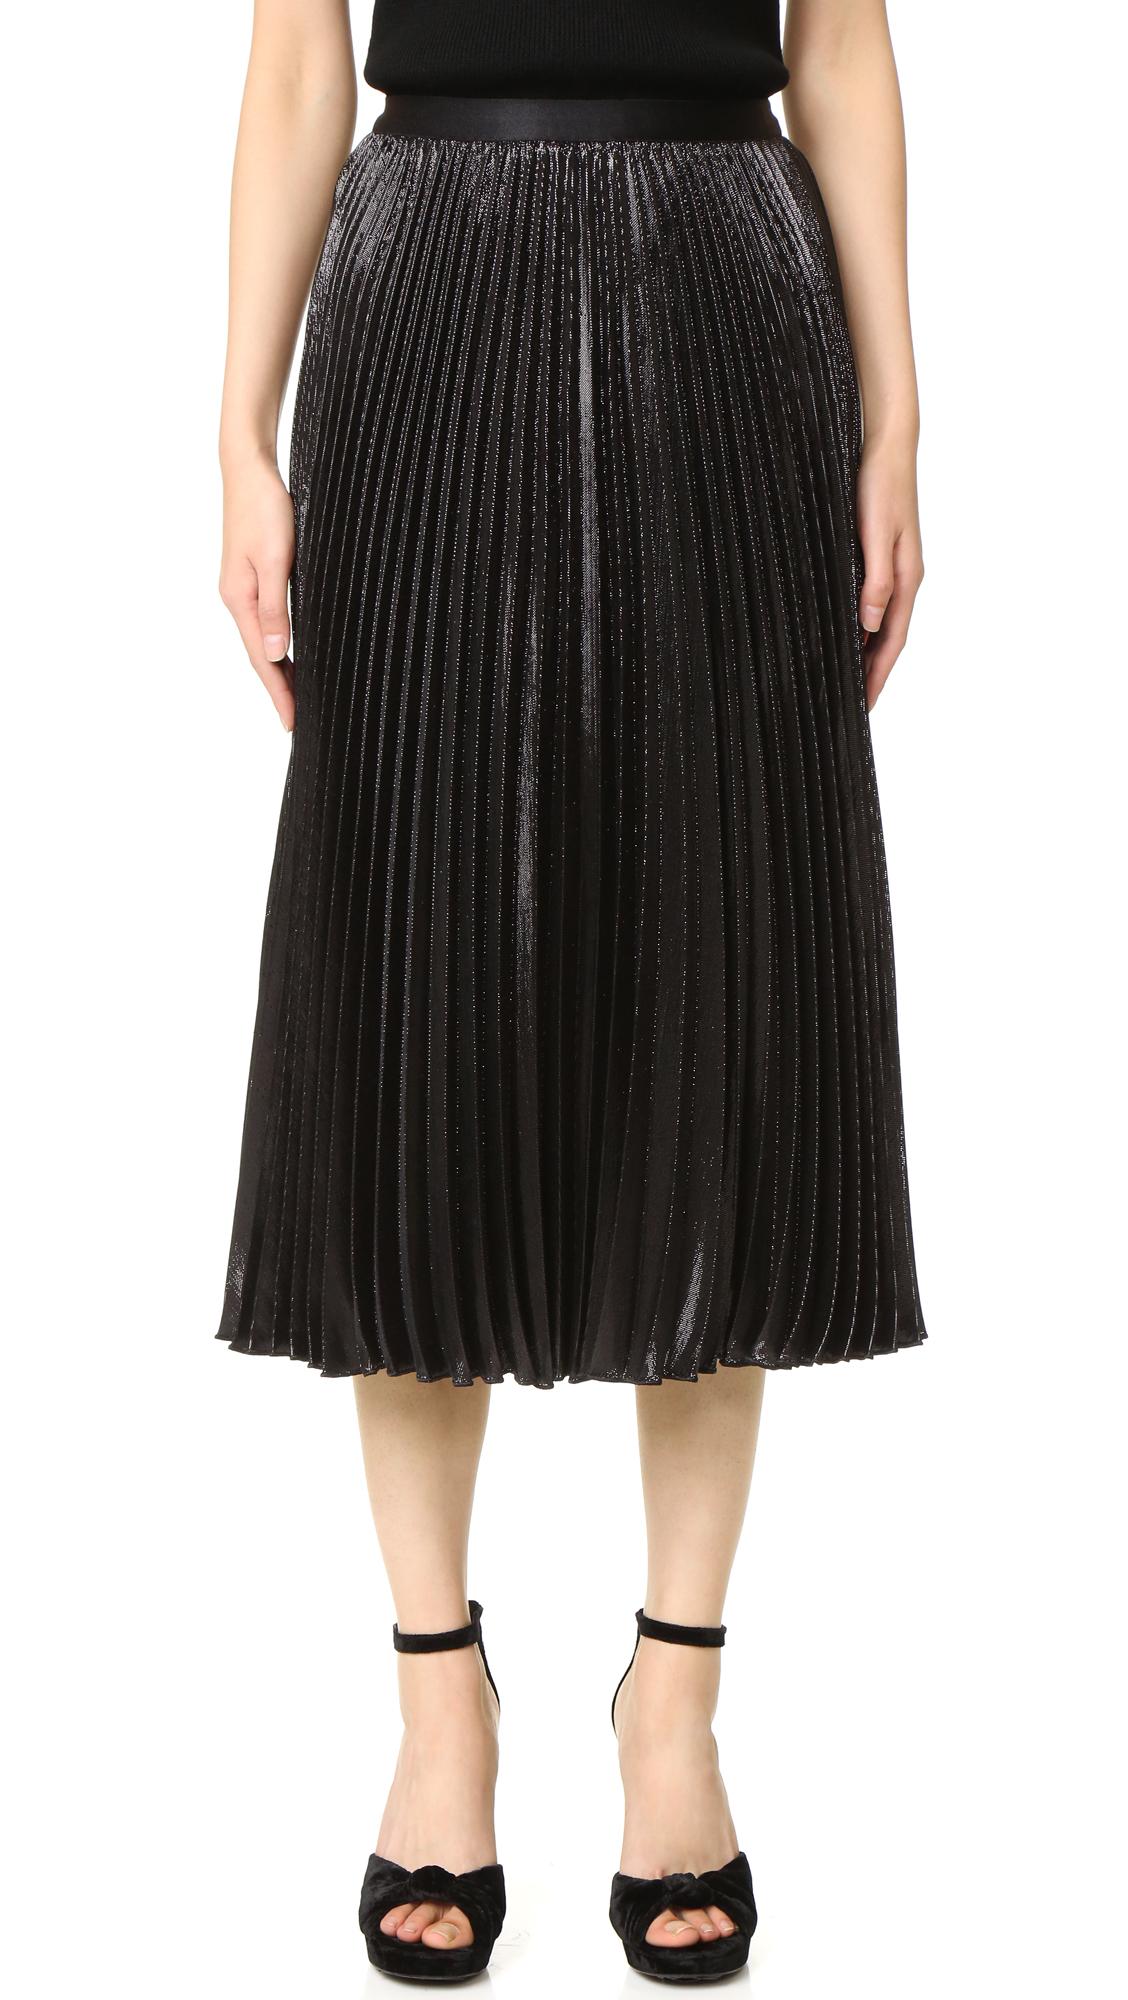 diane von furstenberg female diane von furstenberg heavyn skirt black